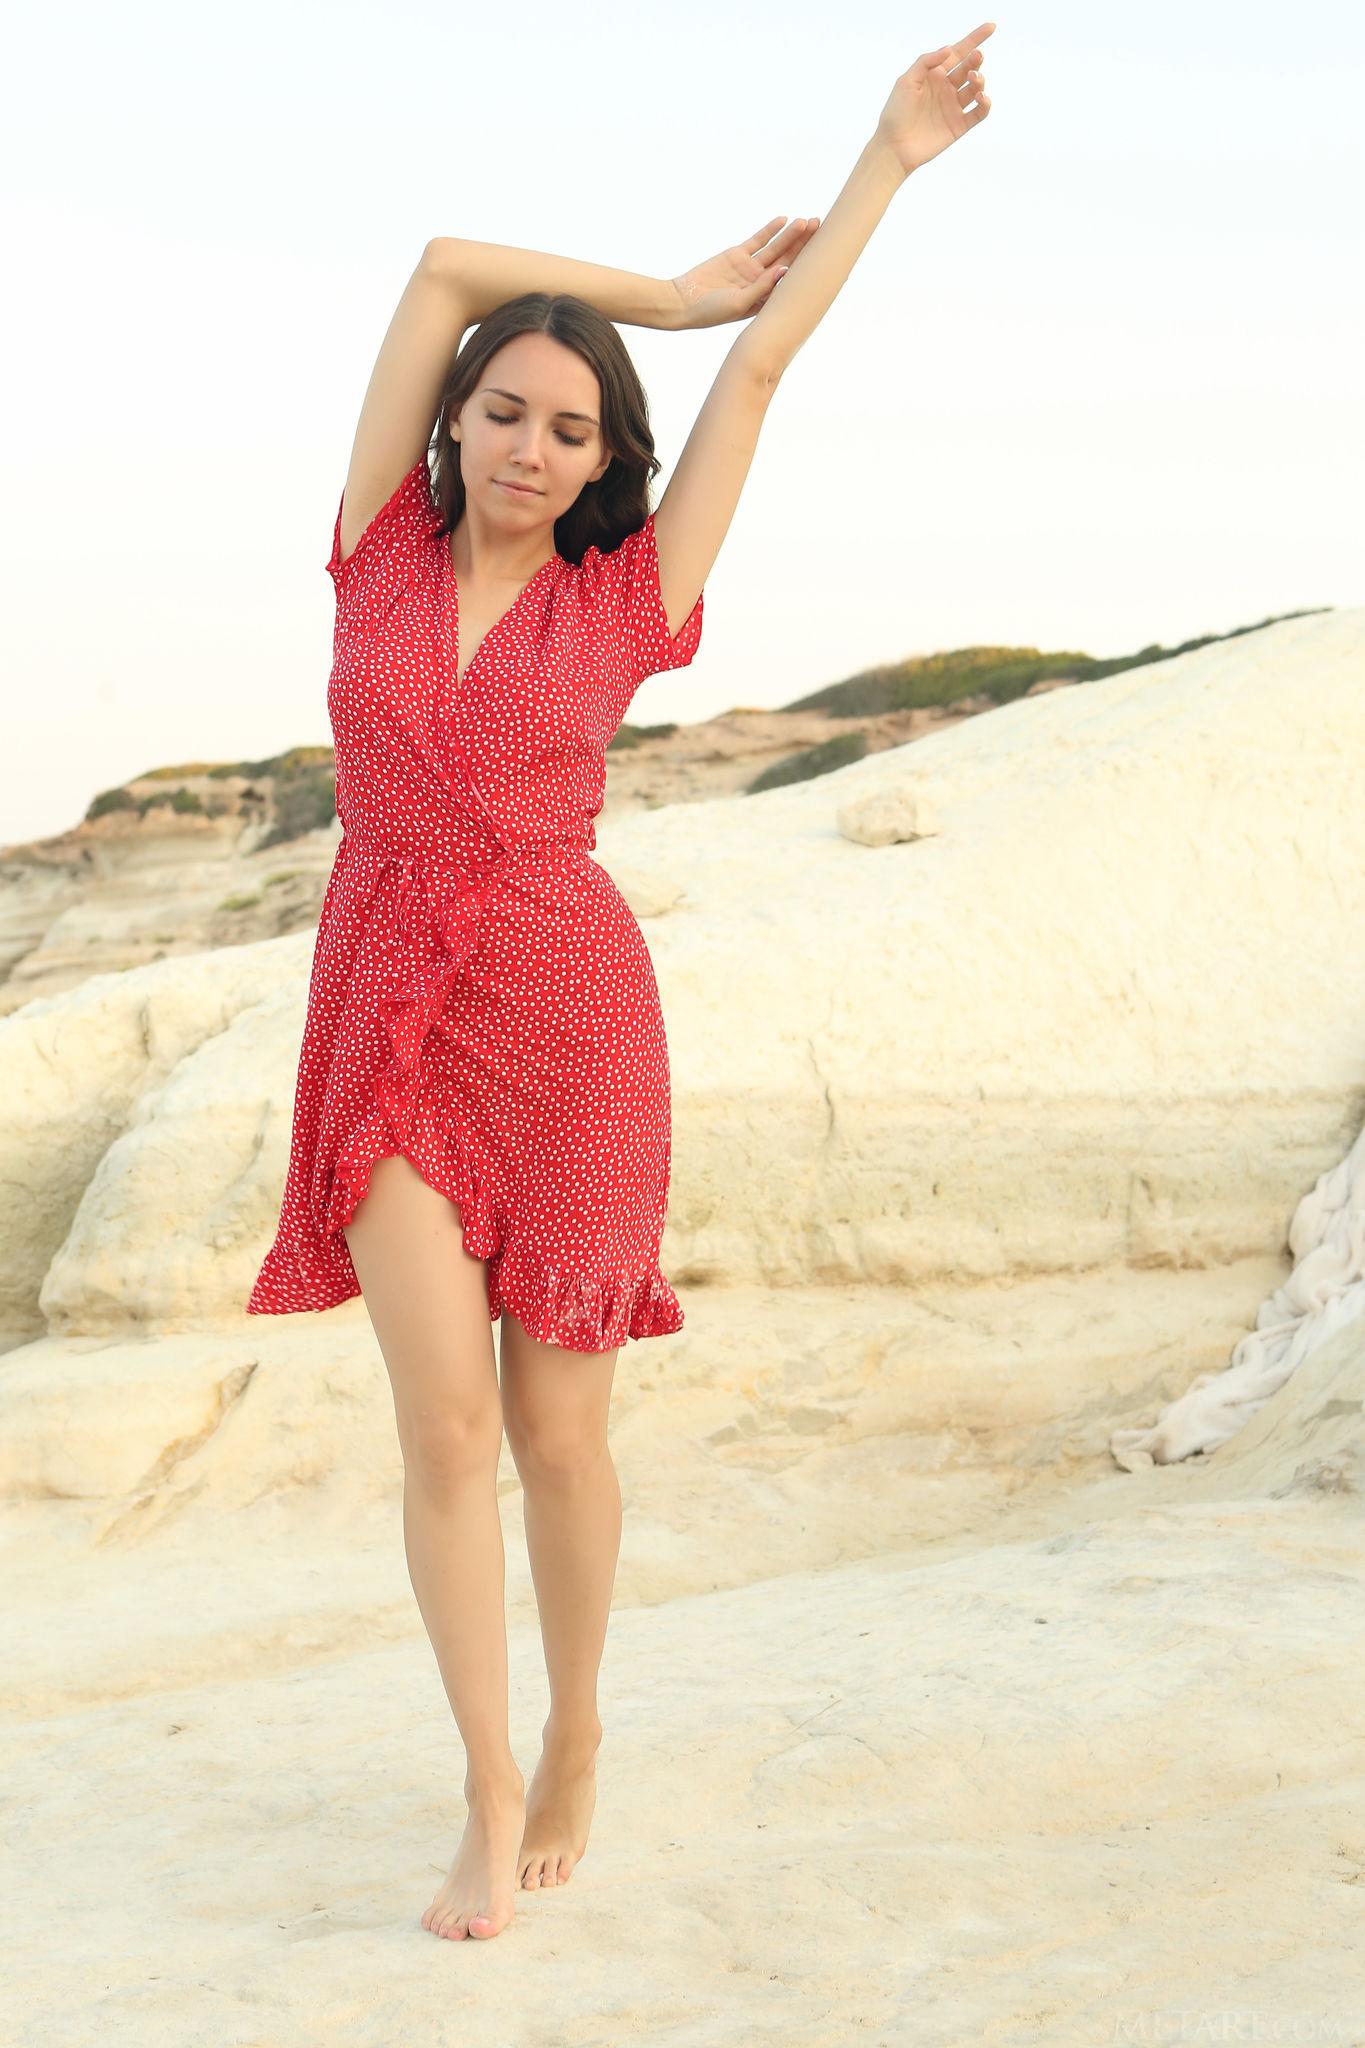 原味鮑魚 Daniela - Presenting - 貼圖 - 歐美寫真 -